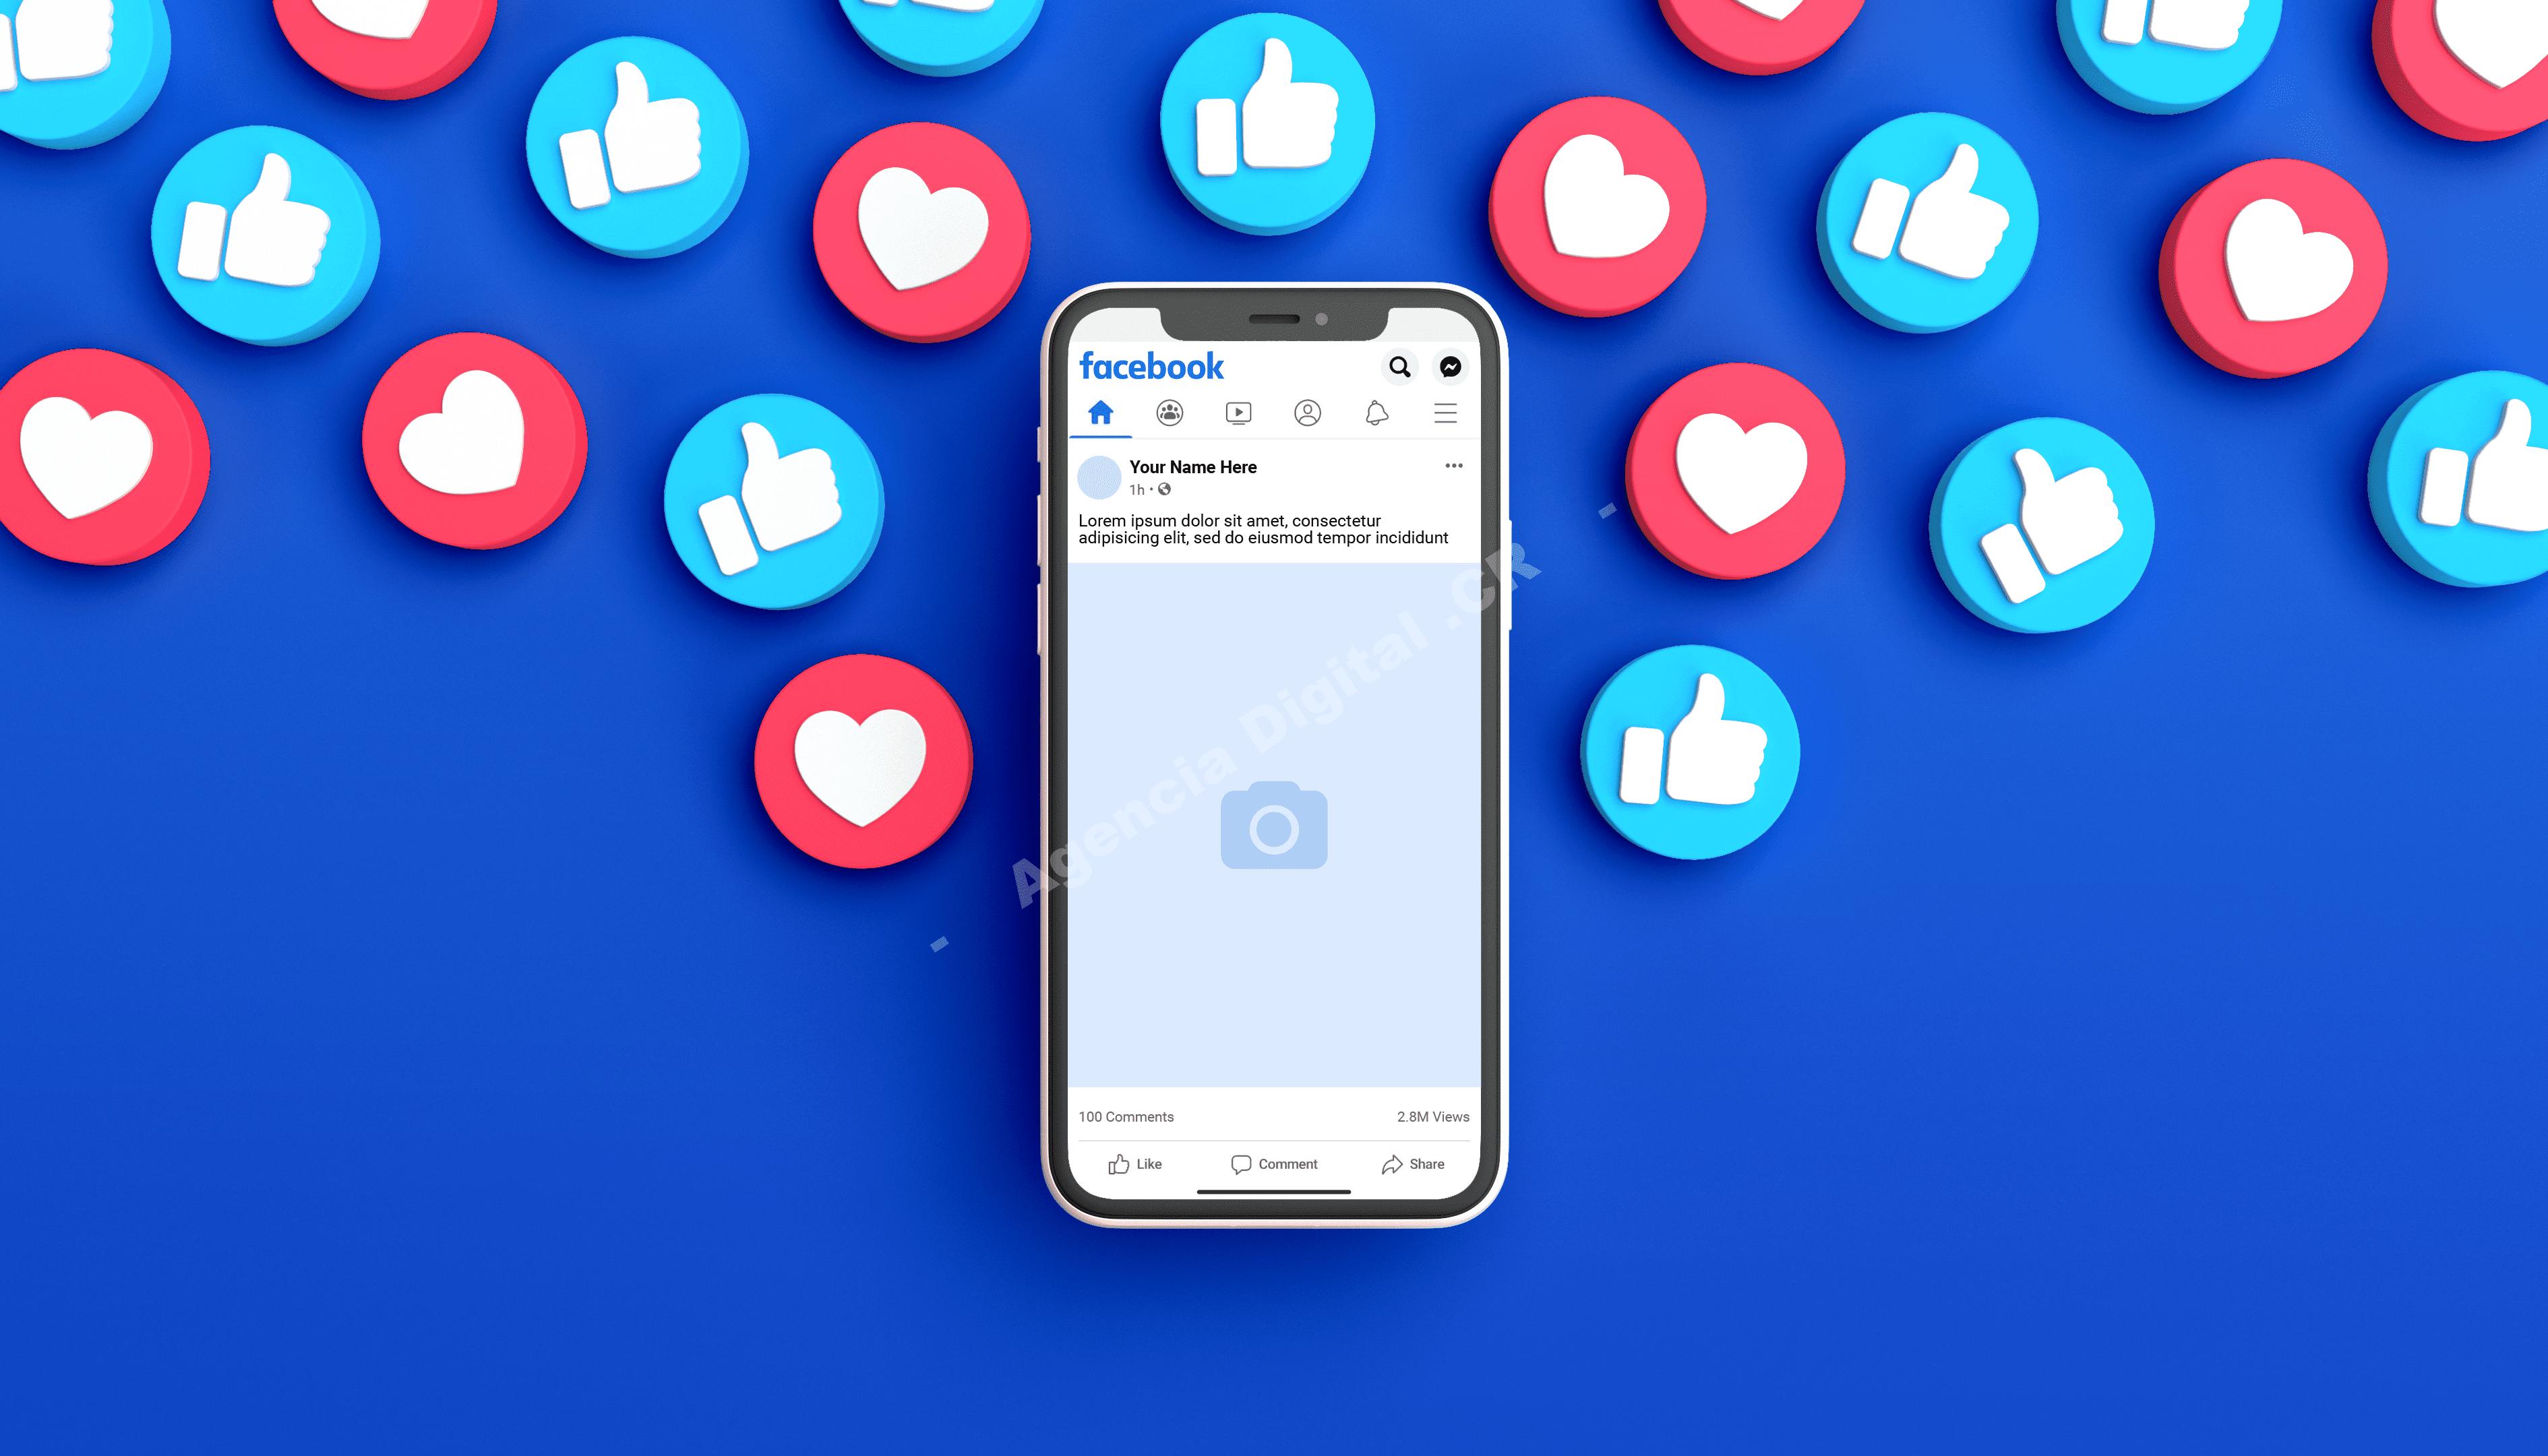 Facebook coincide anuncio objetivo empresarial Agencia Digital de Costa Rica